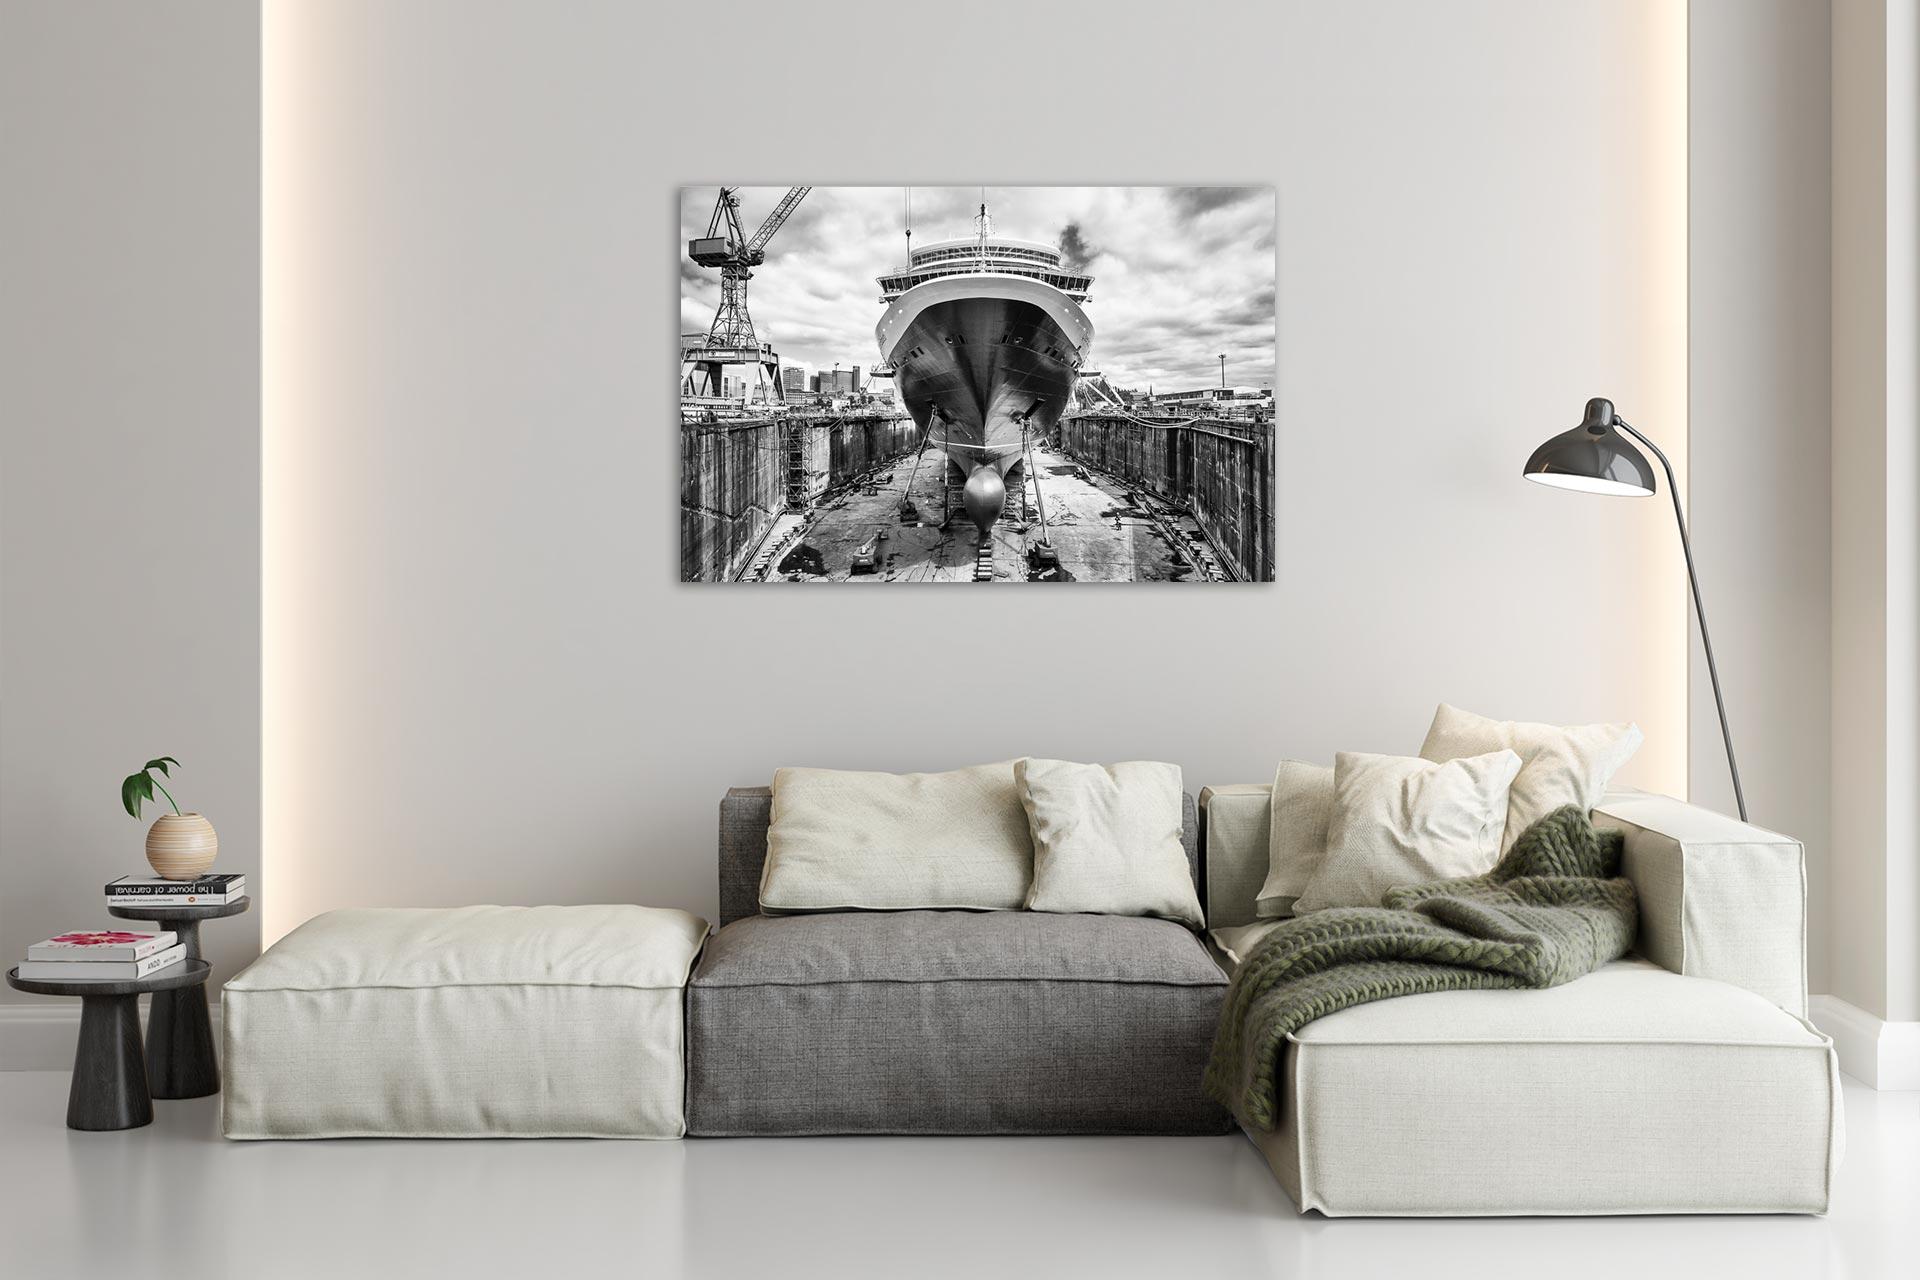 JS004-queen-elisabeth-wandbild-bild-auf-leinwand-acrylglas-aludibond-wohnzimmer